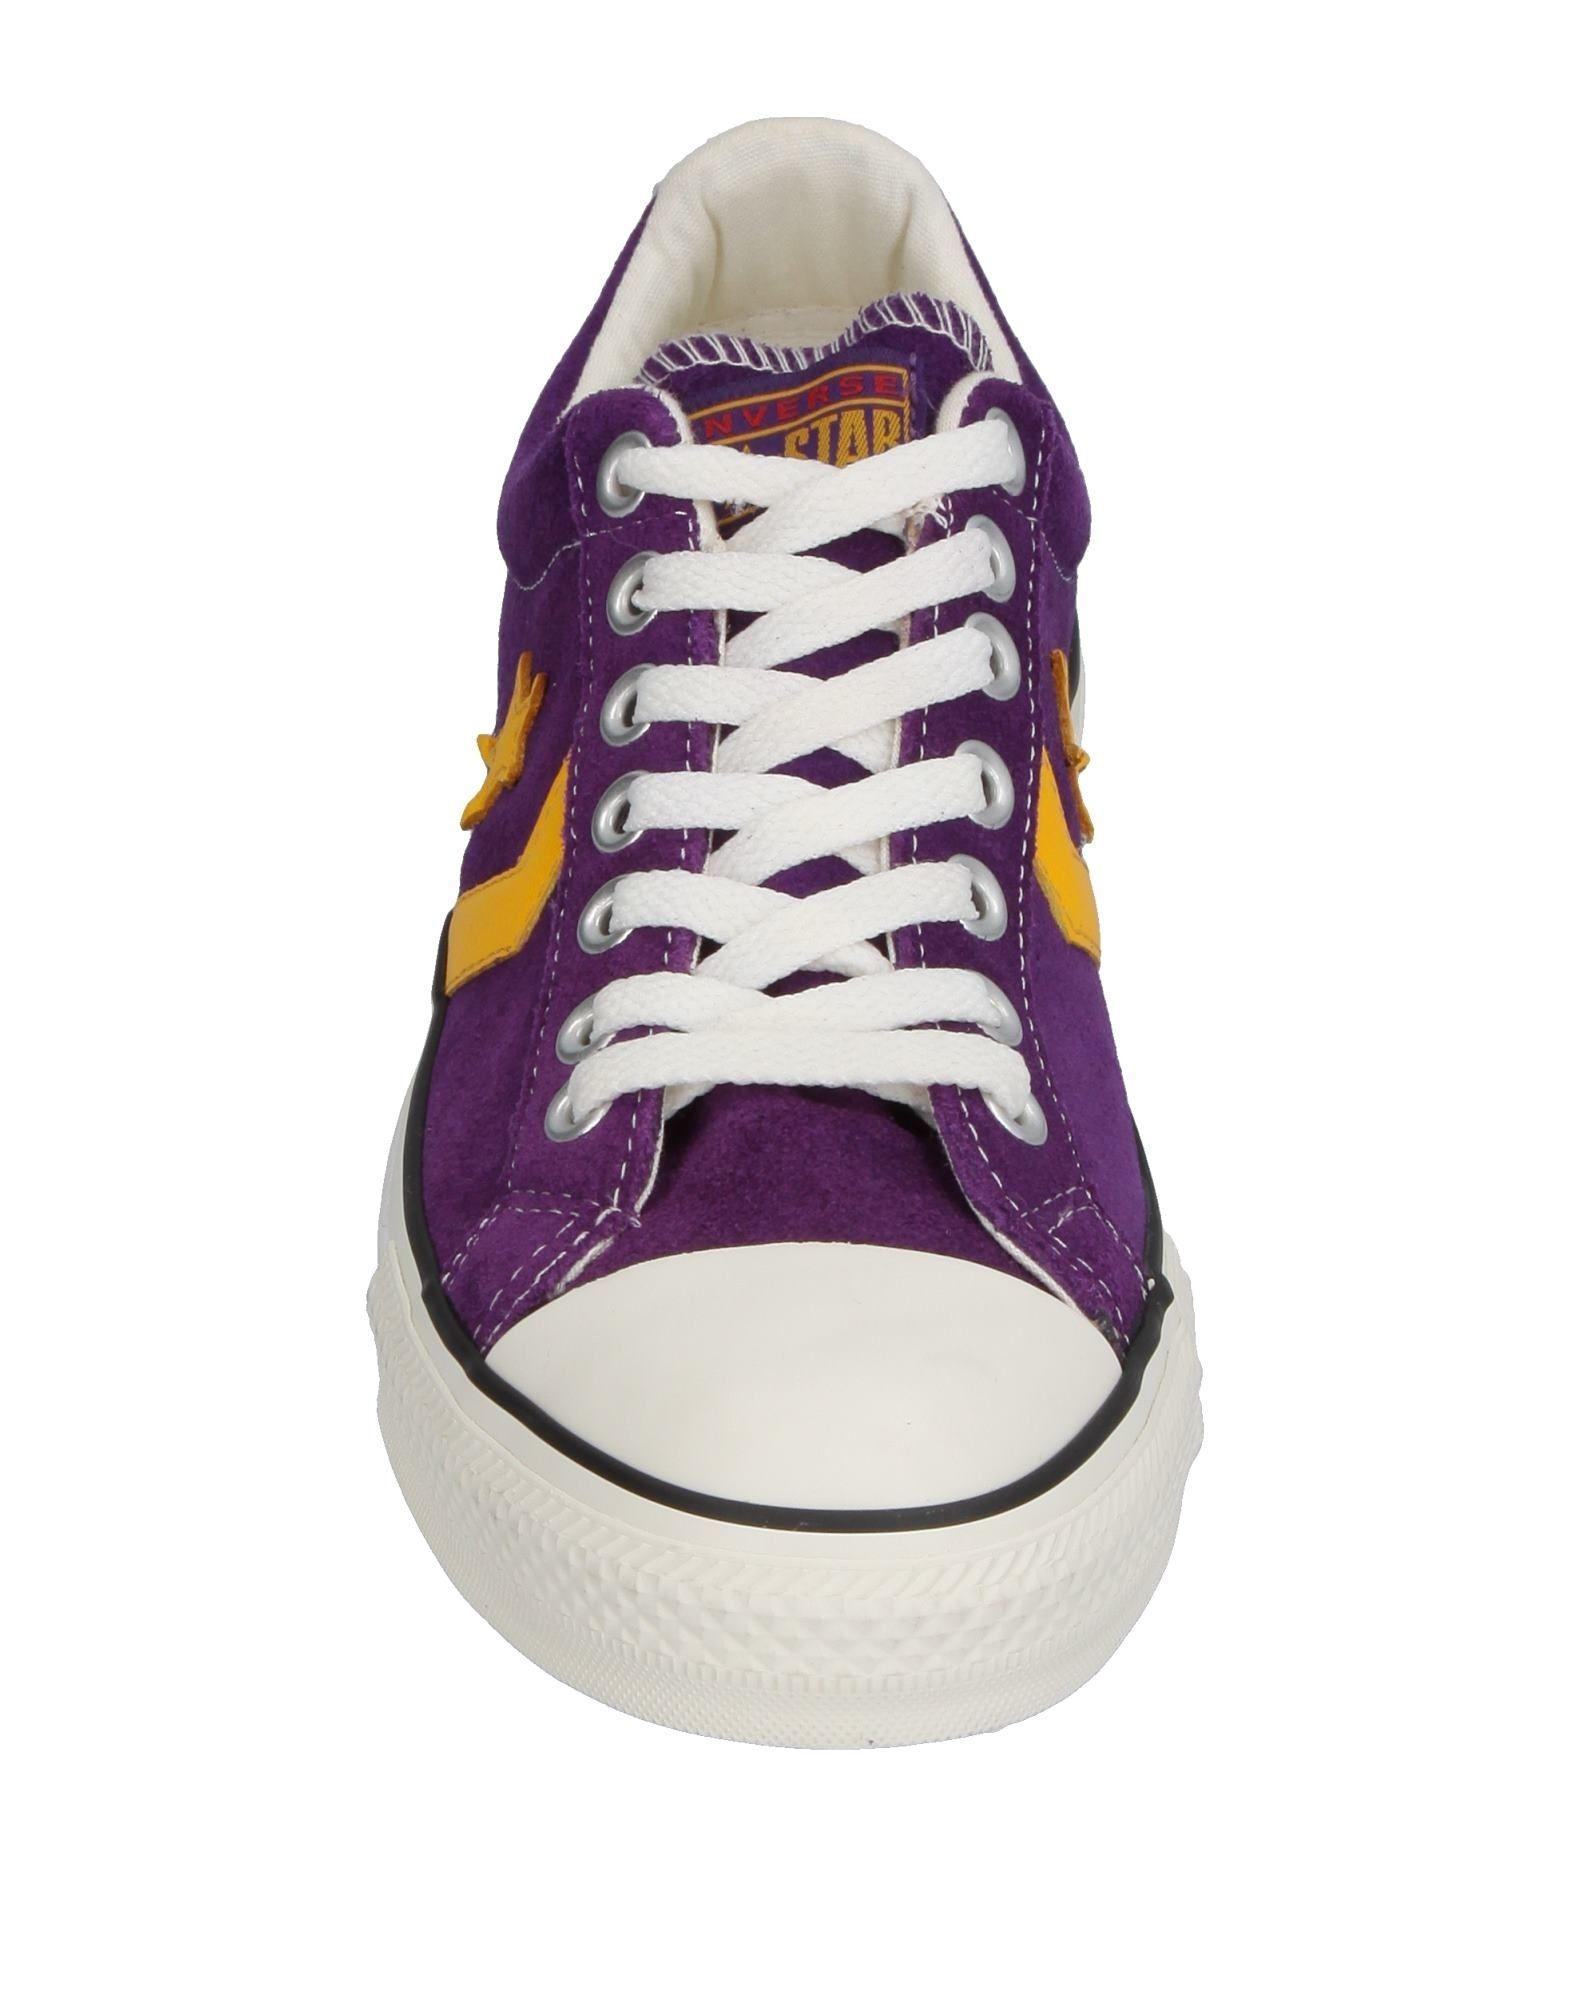 Rabatt Star echte Schuhe Converse All Star Rabatt Sneakers Herren  11228930CA 0c6ce6